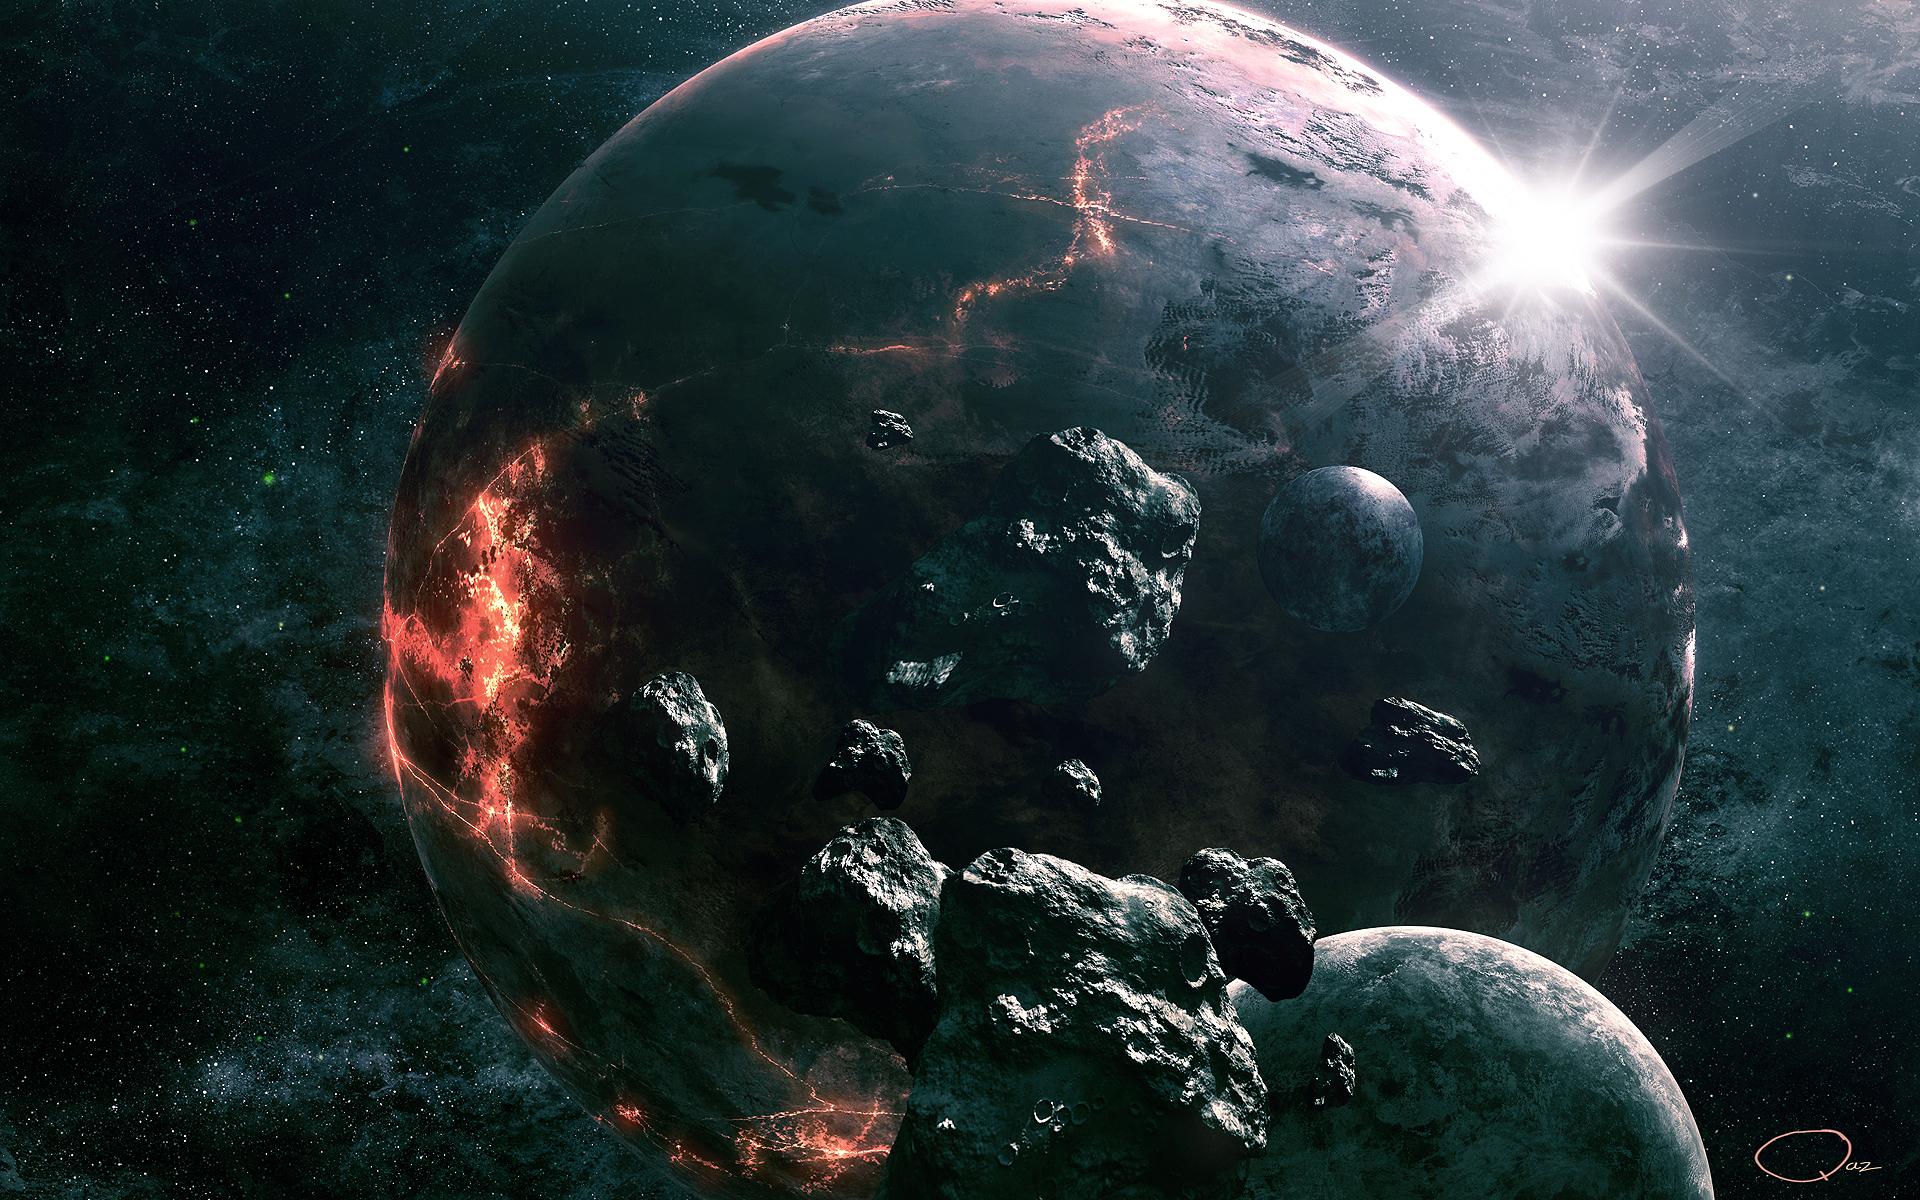 sci fi planet wallpaper - photo #48